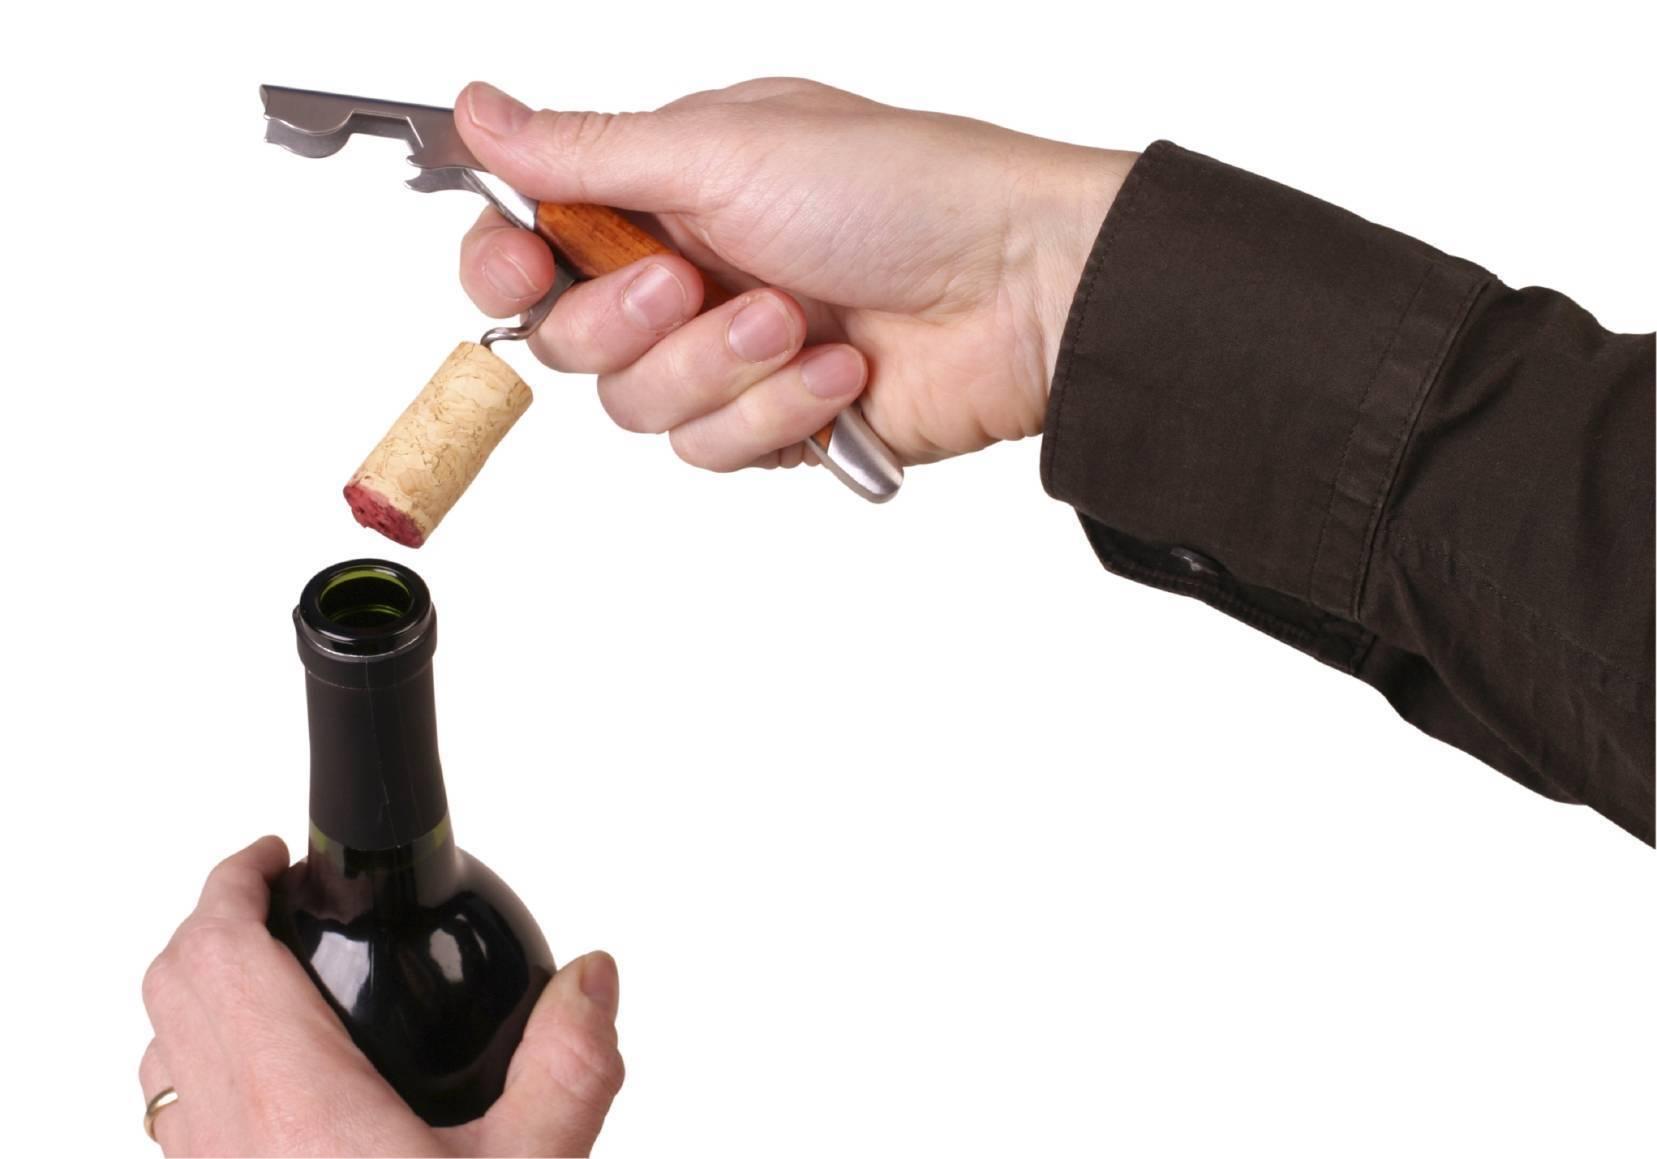 Как открыть вино штопором девушке – как открыть бутылку вина штопором?